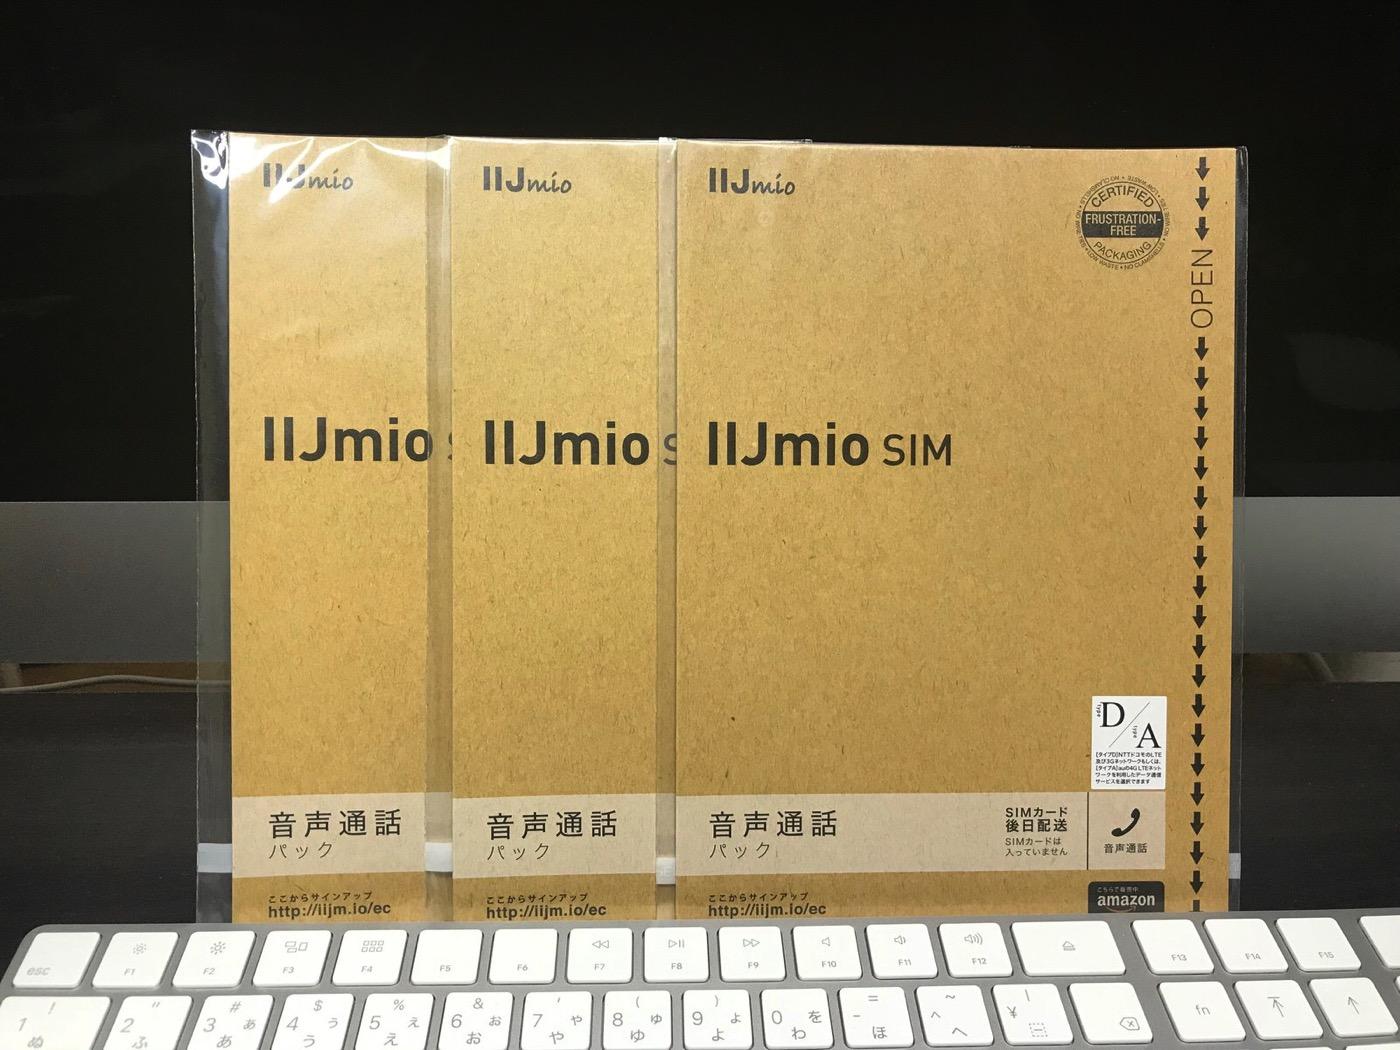 IIJmio みおふぉん SIMカード 音声通話パック-2